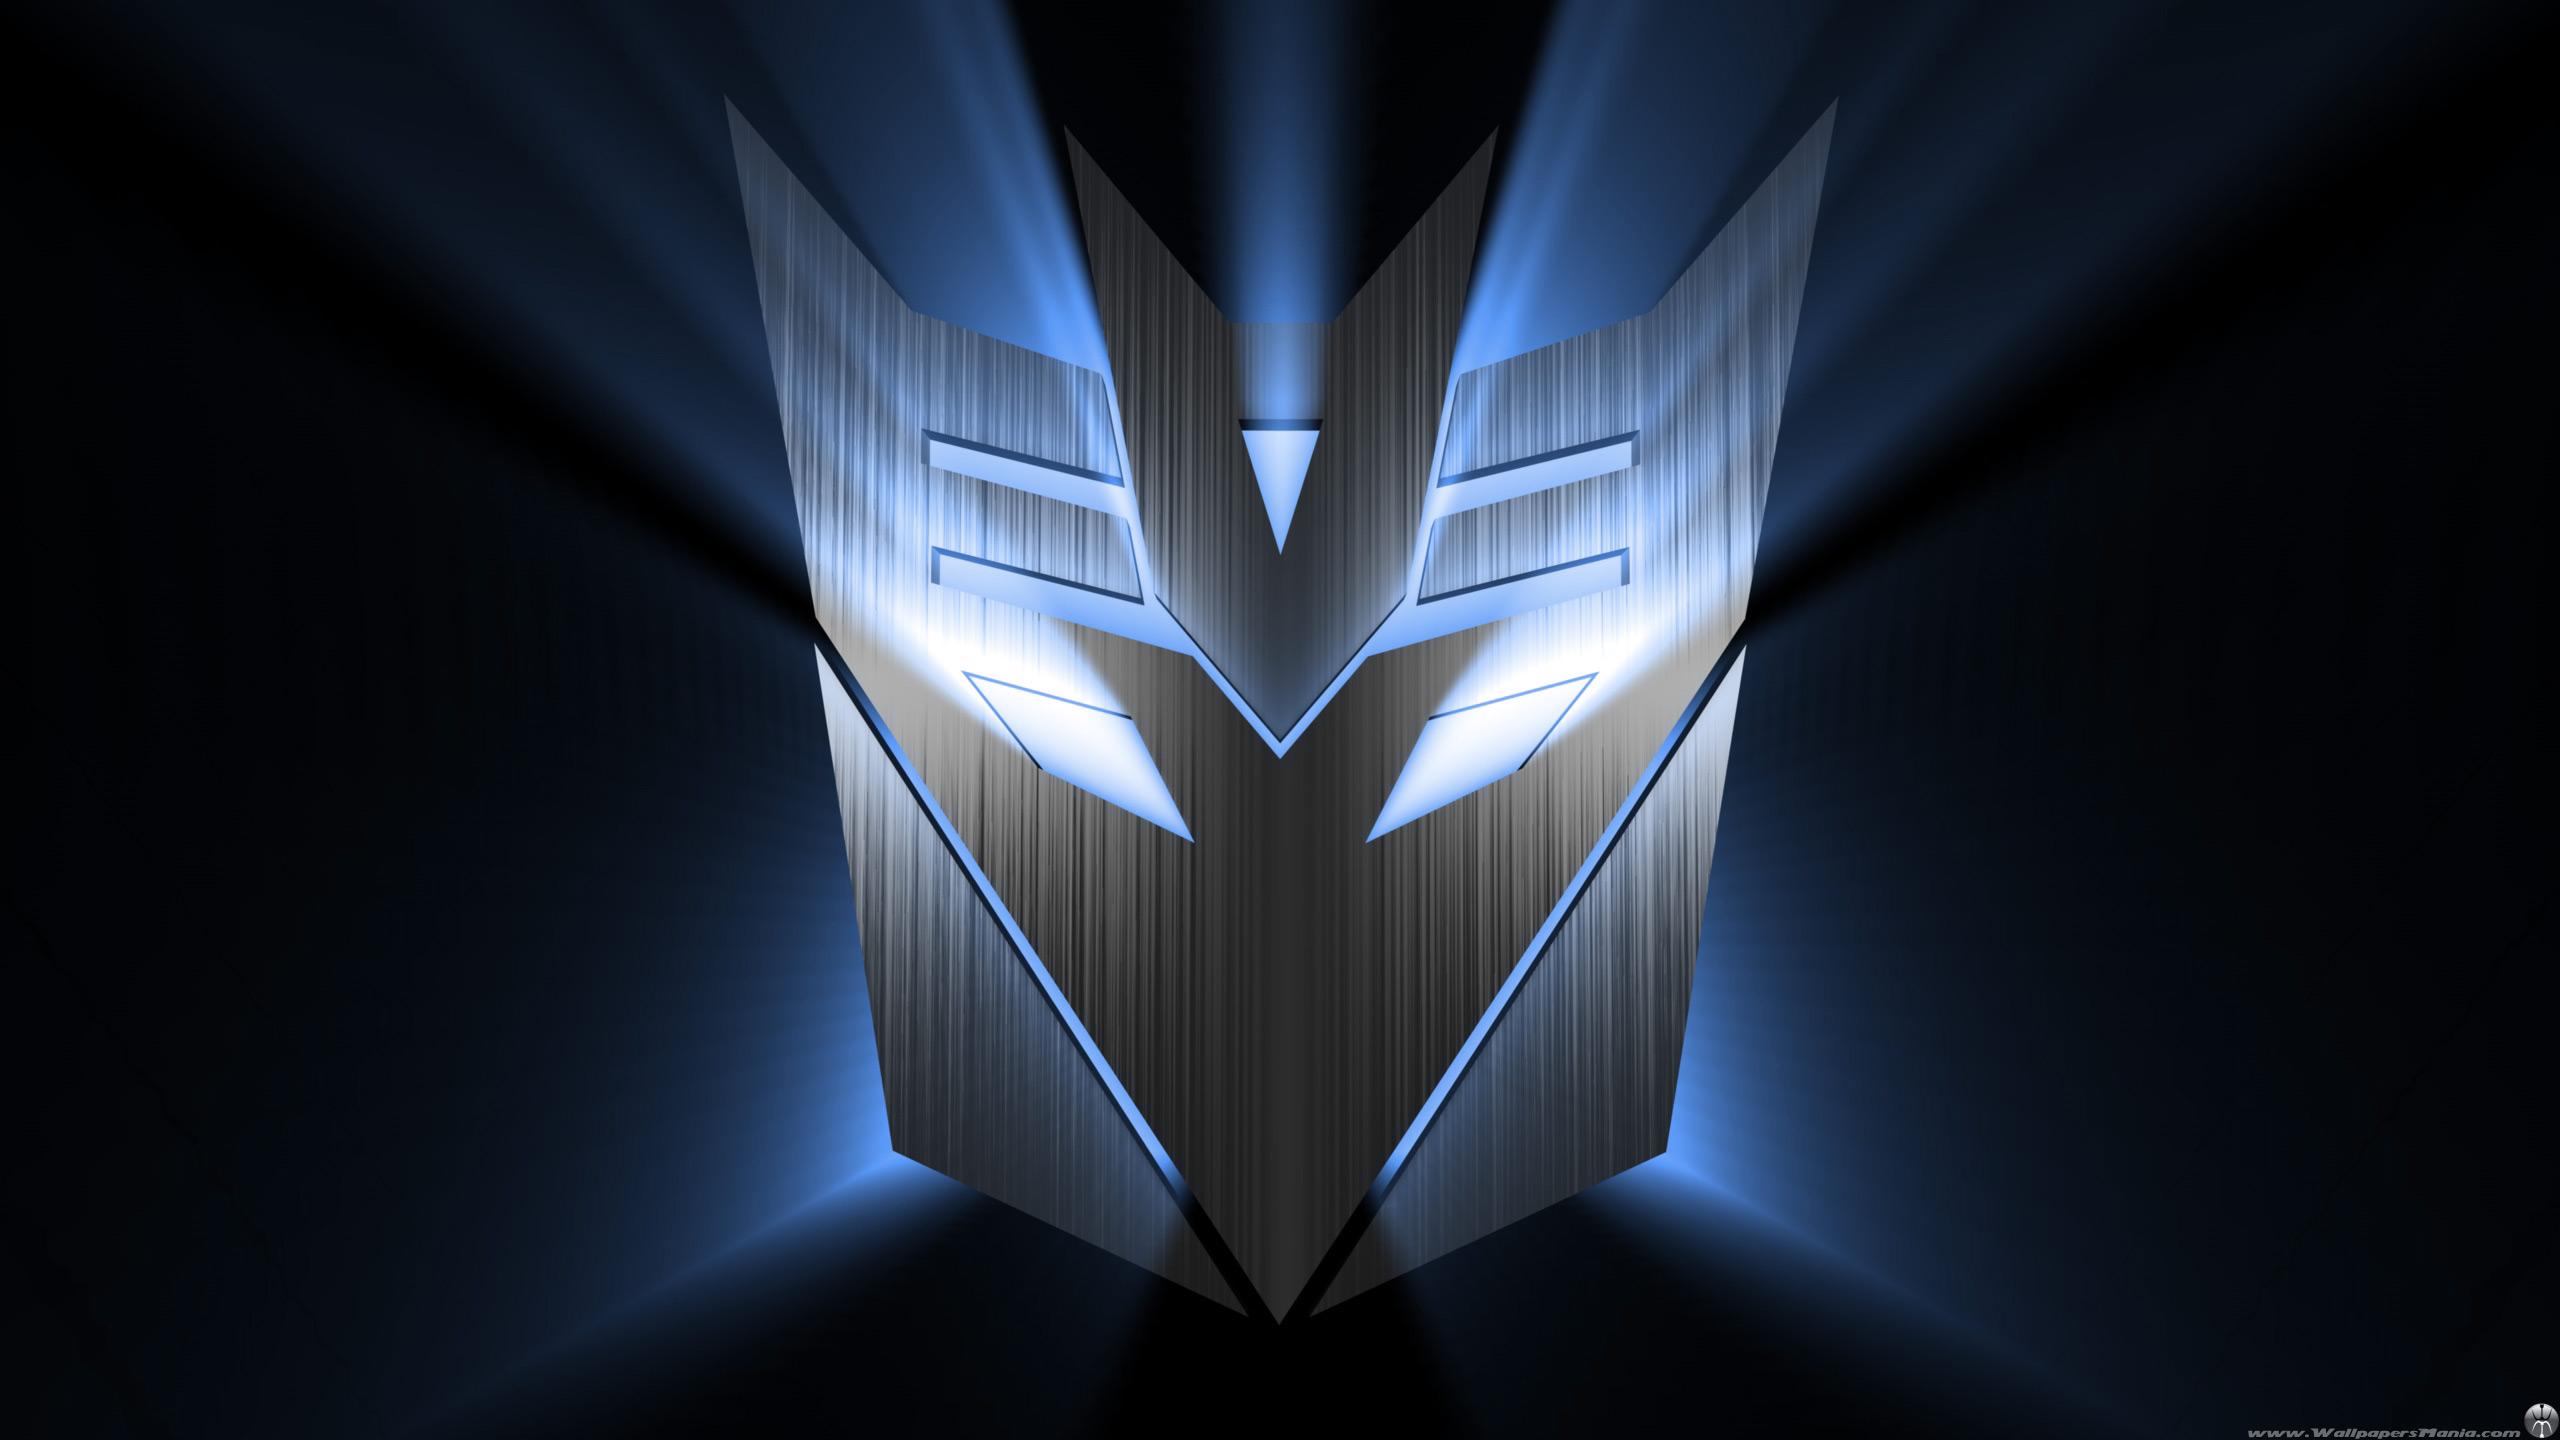 Autobot Logo Wallpaper Wide Desktop qvky4v1h Yoanu 2560x1440